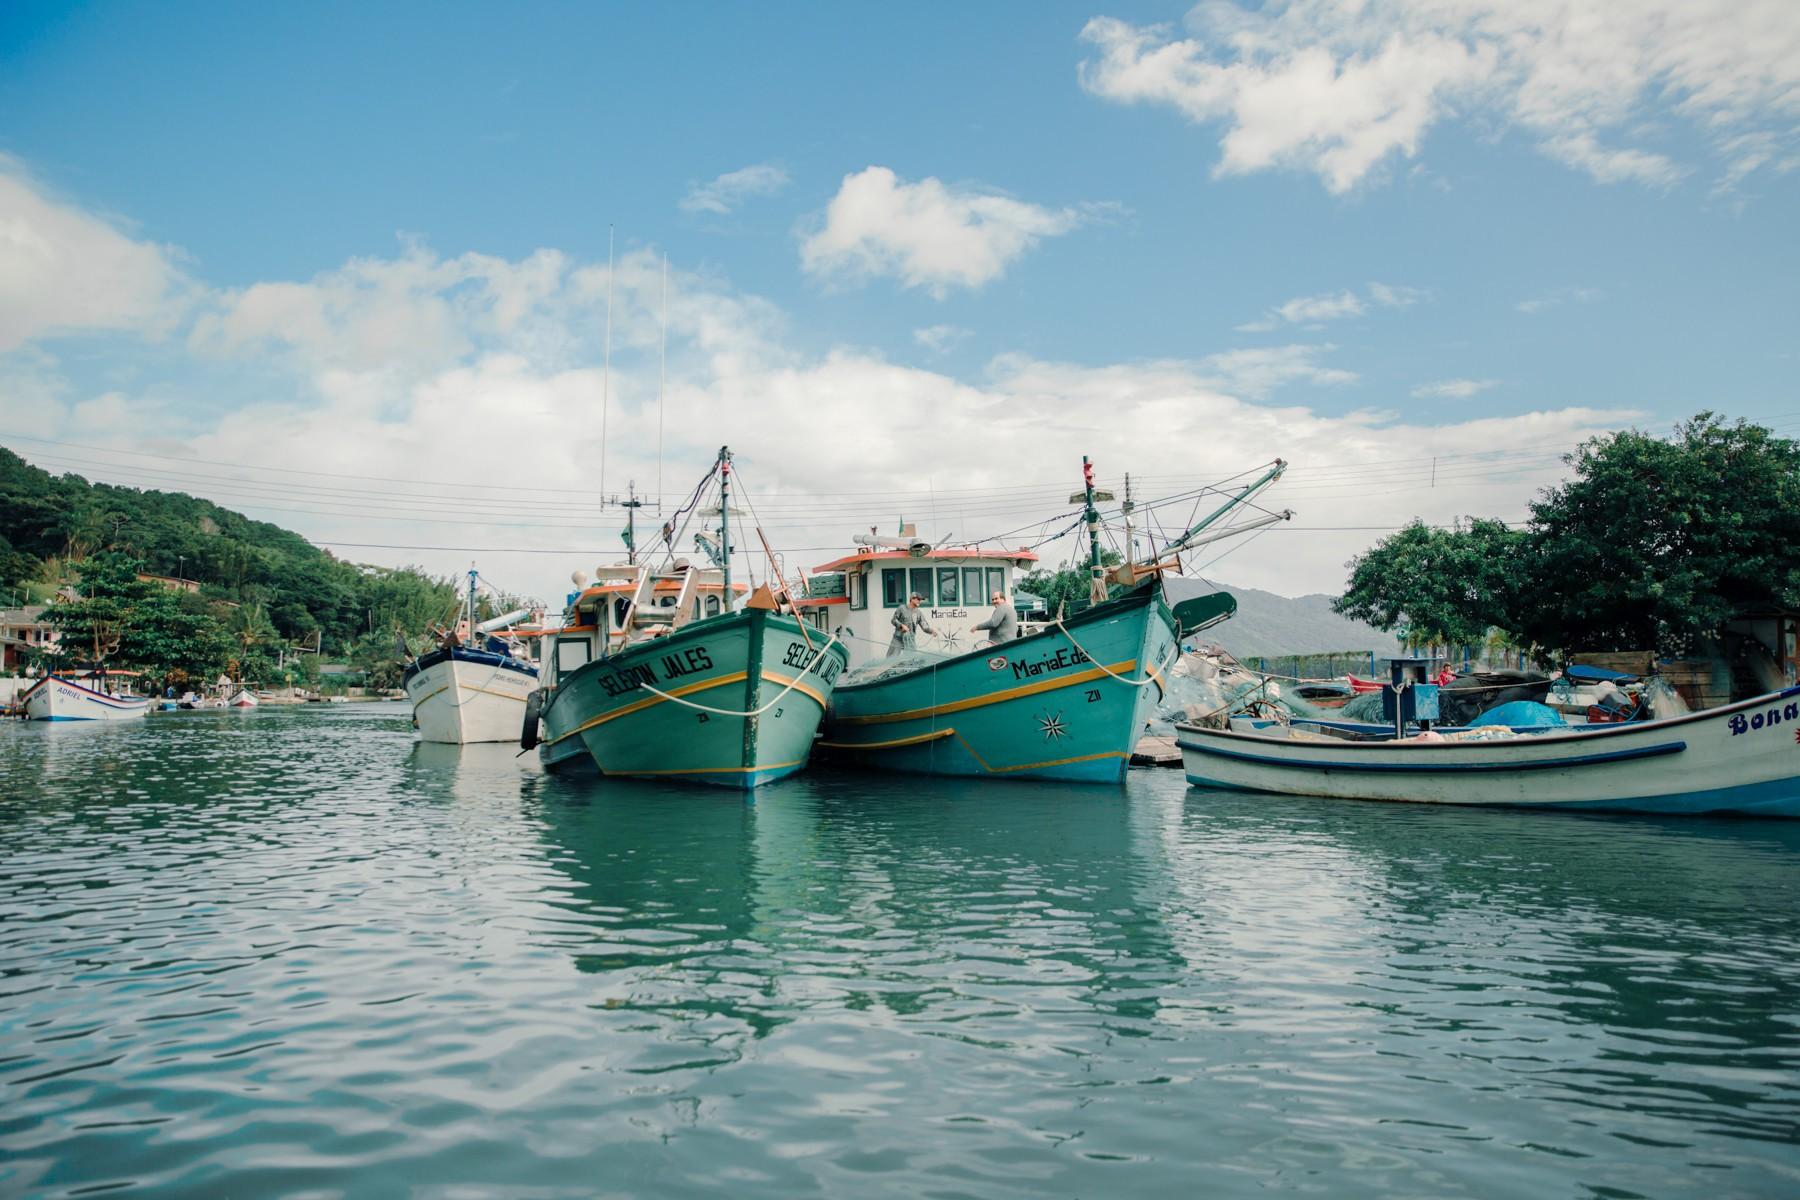 Estado de Santa Catarina, Brasil (Foto: Divulgação)